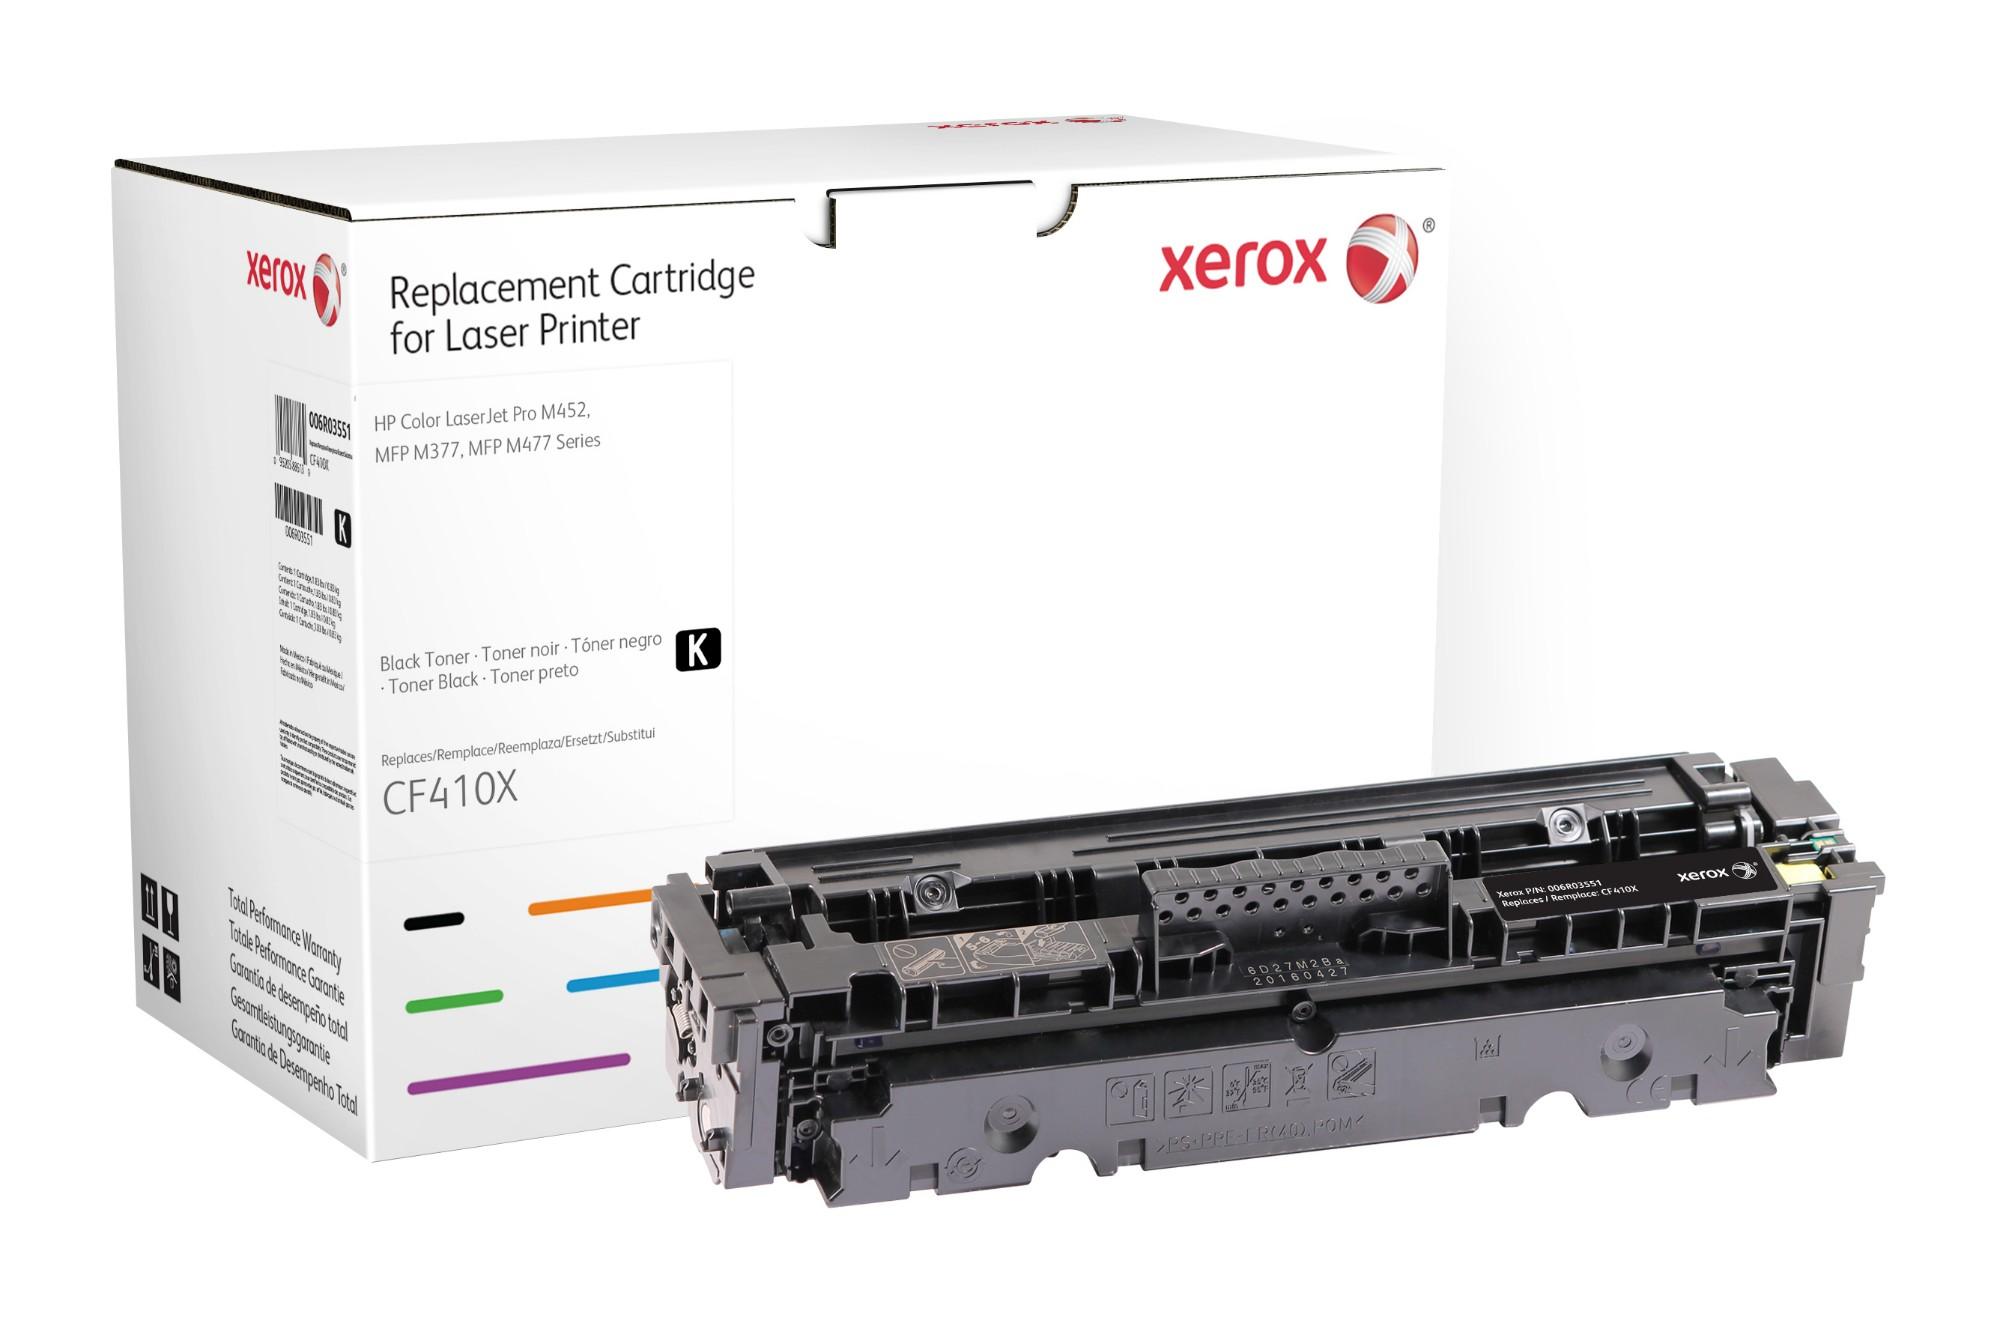 Xerox Cartucho de tóner negro. Equivalente a HP CF410X. Compatible con HP Color LaserJet Pro MFP M477, LaserJet Pro MFP M377, Pro M452